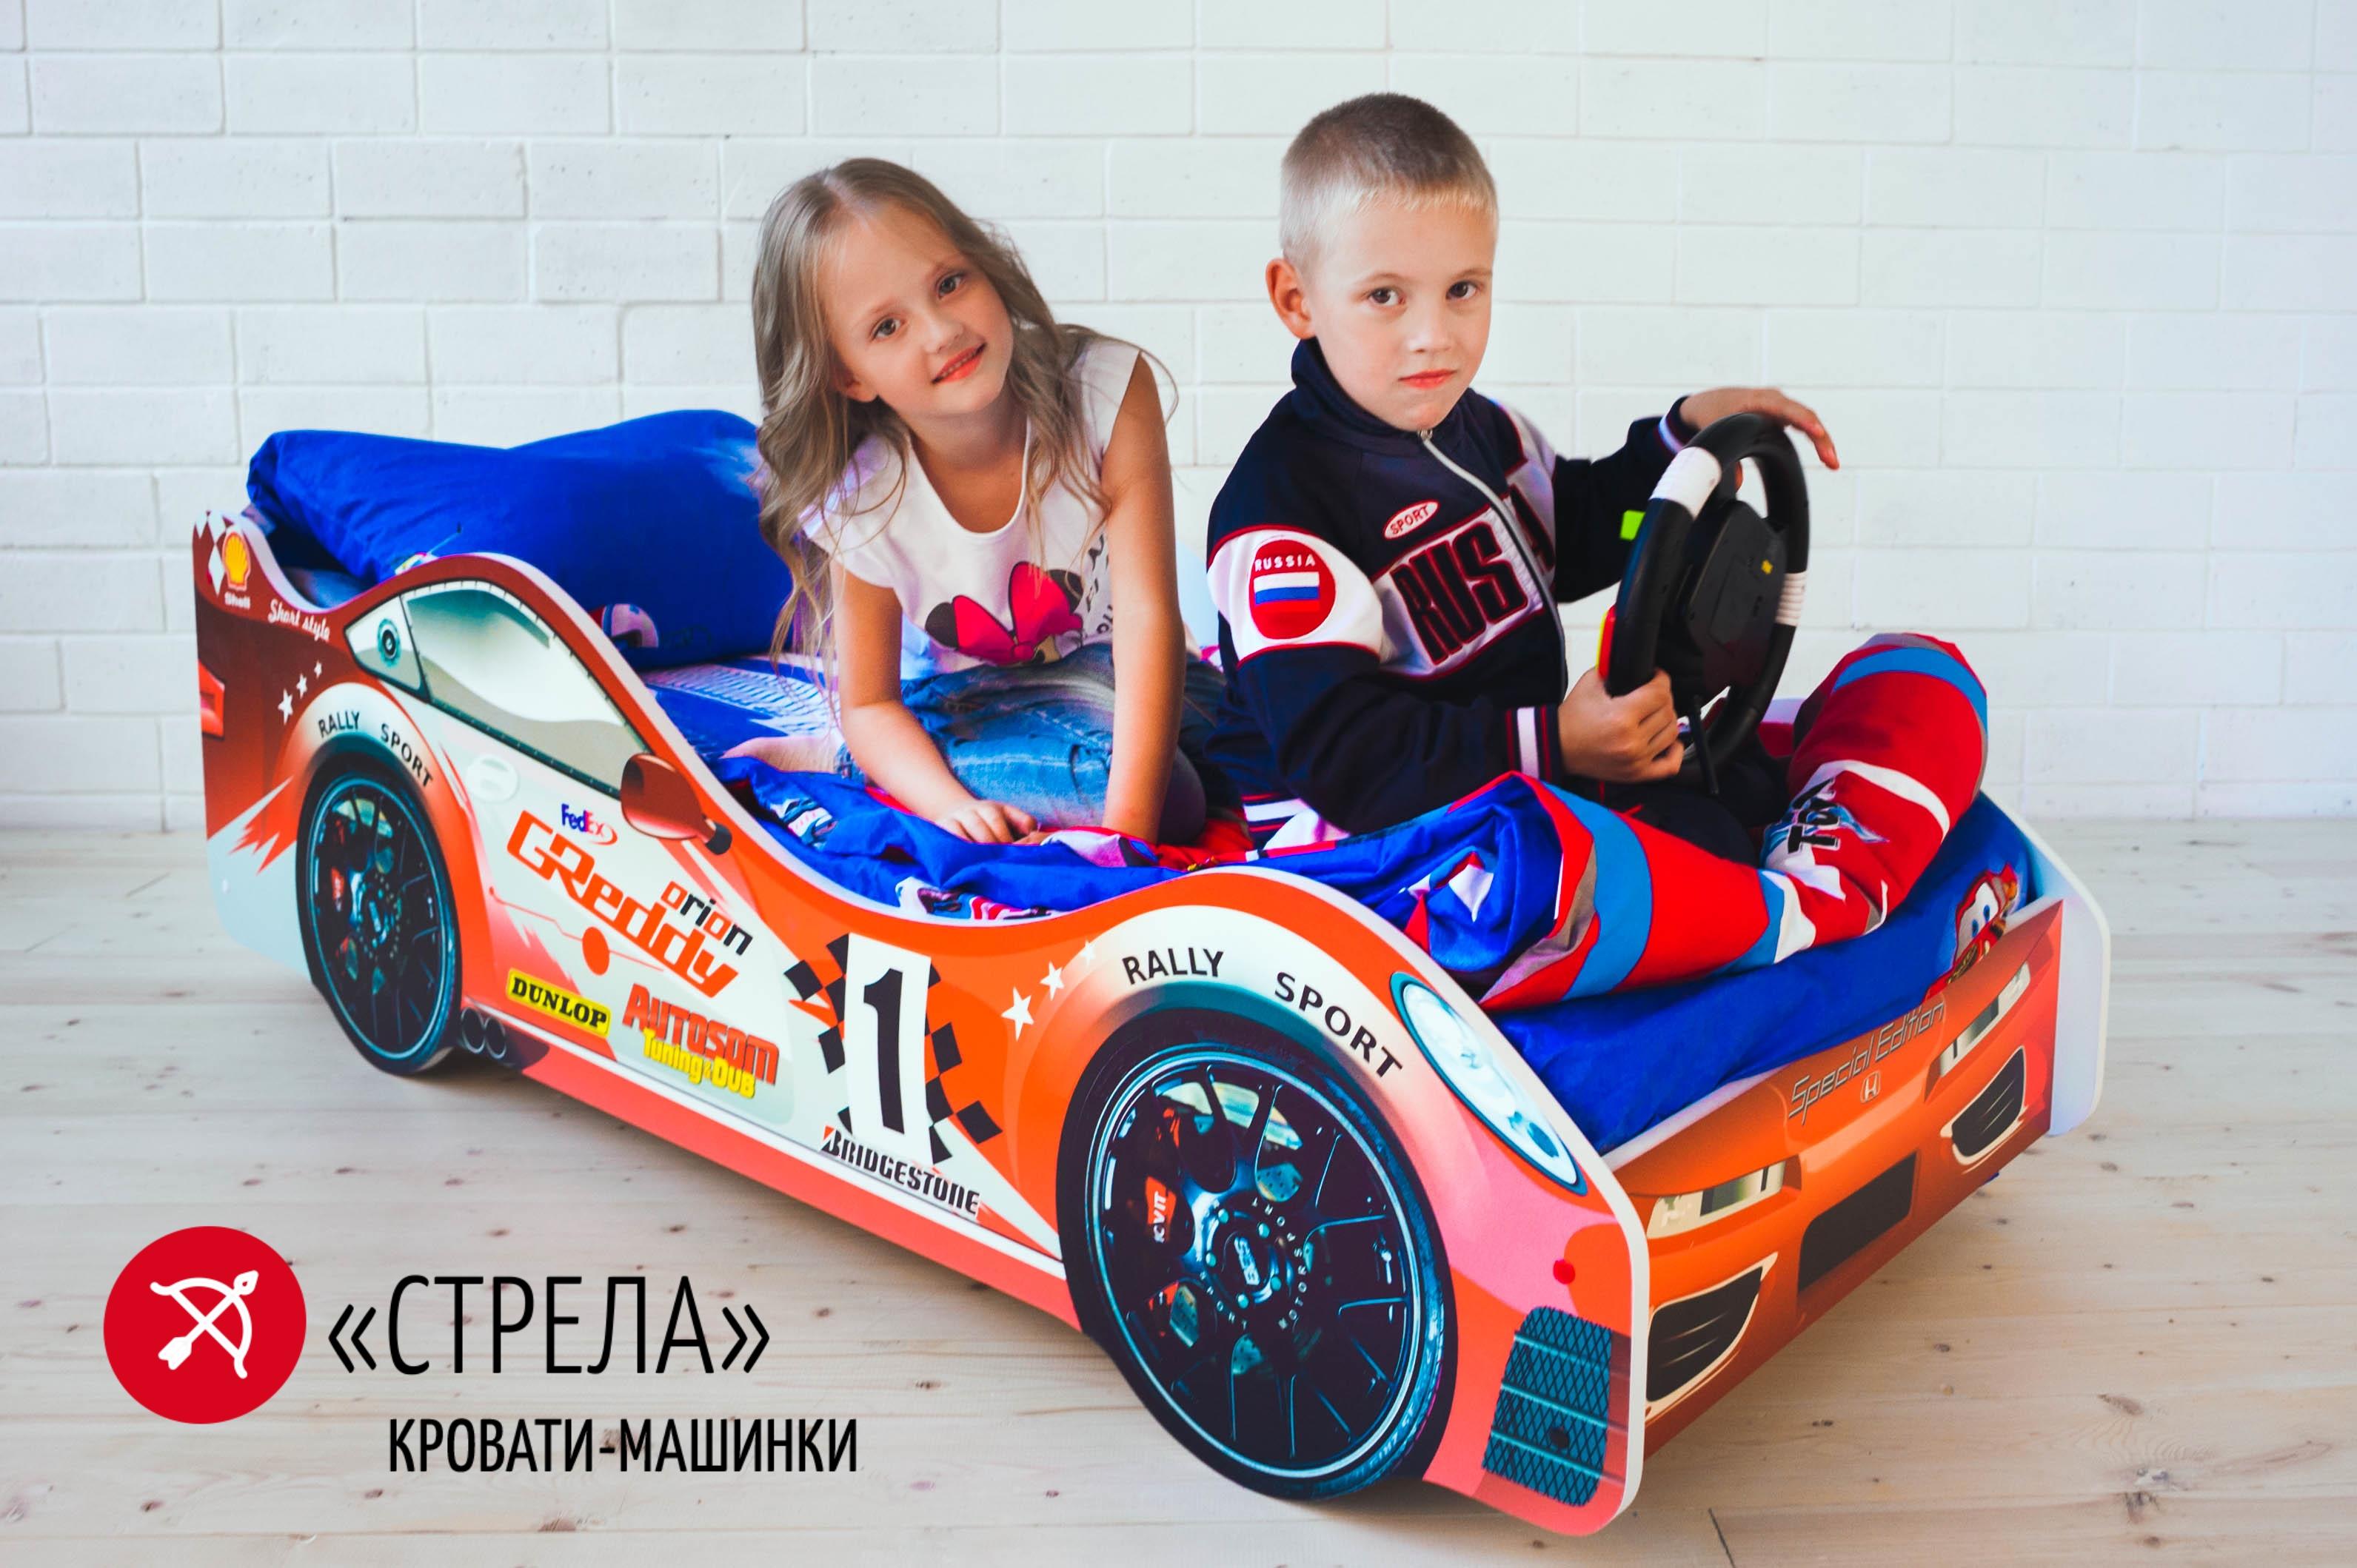 Детская кровать-машина -Стрела-5